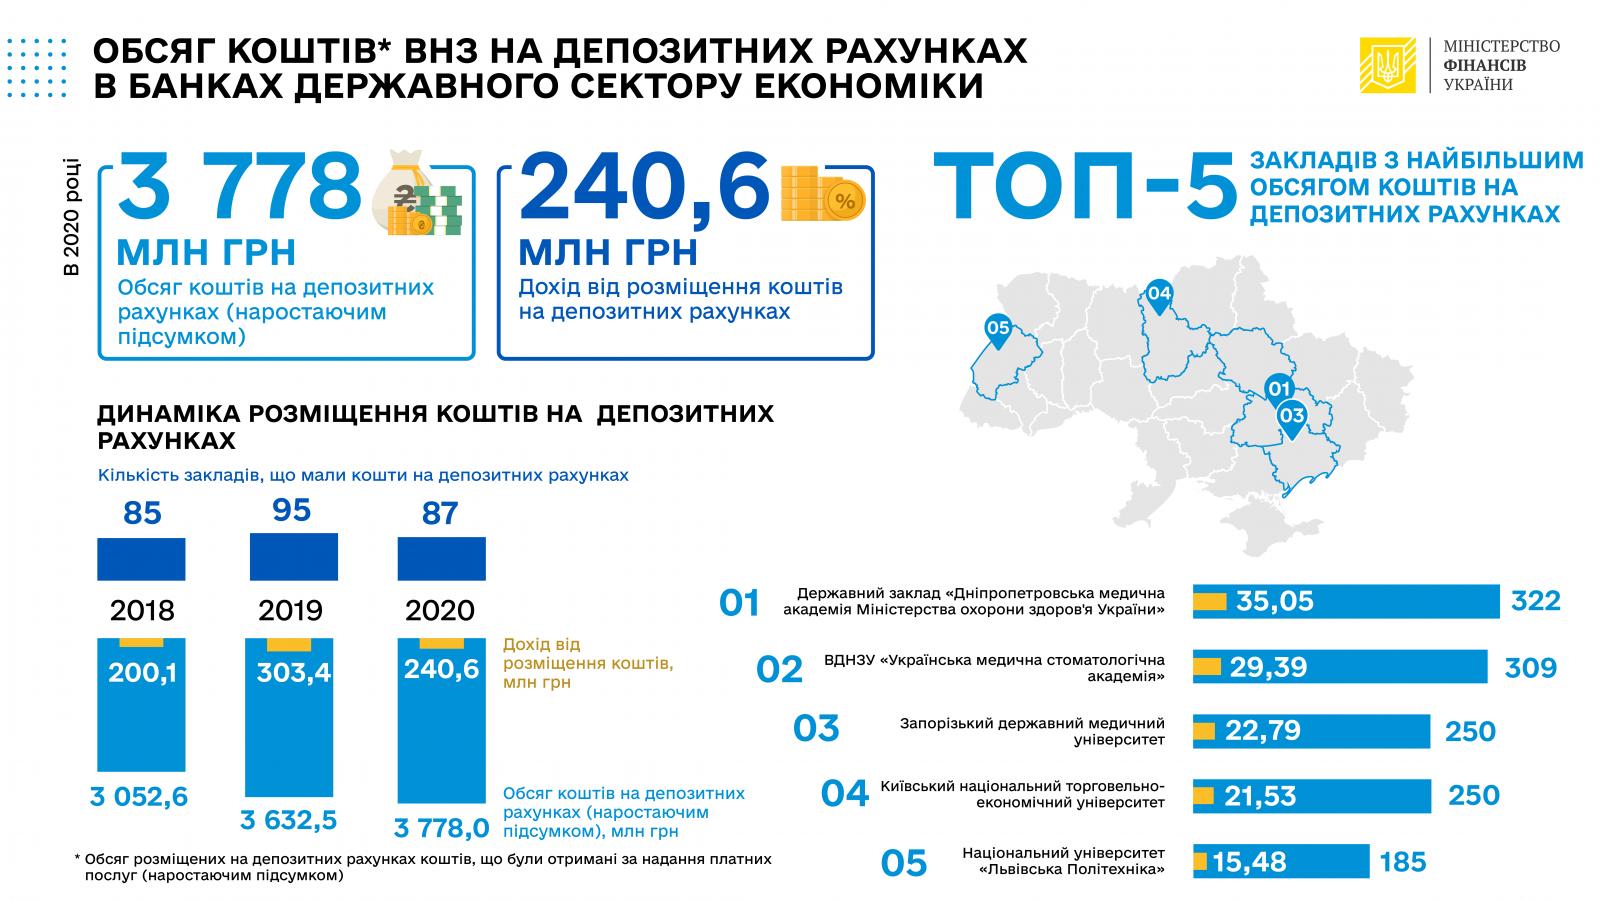 В 2020 году заведения высшего образования получили доход 241 млн грн от размещения средств на депозитах